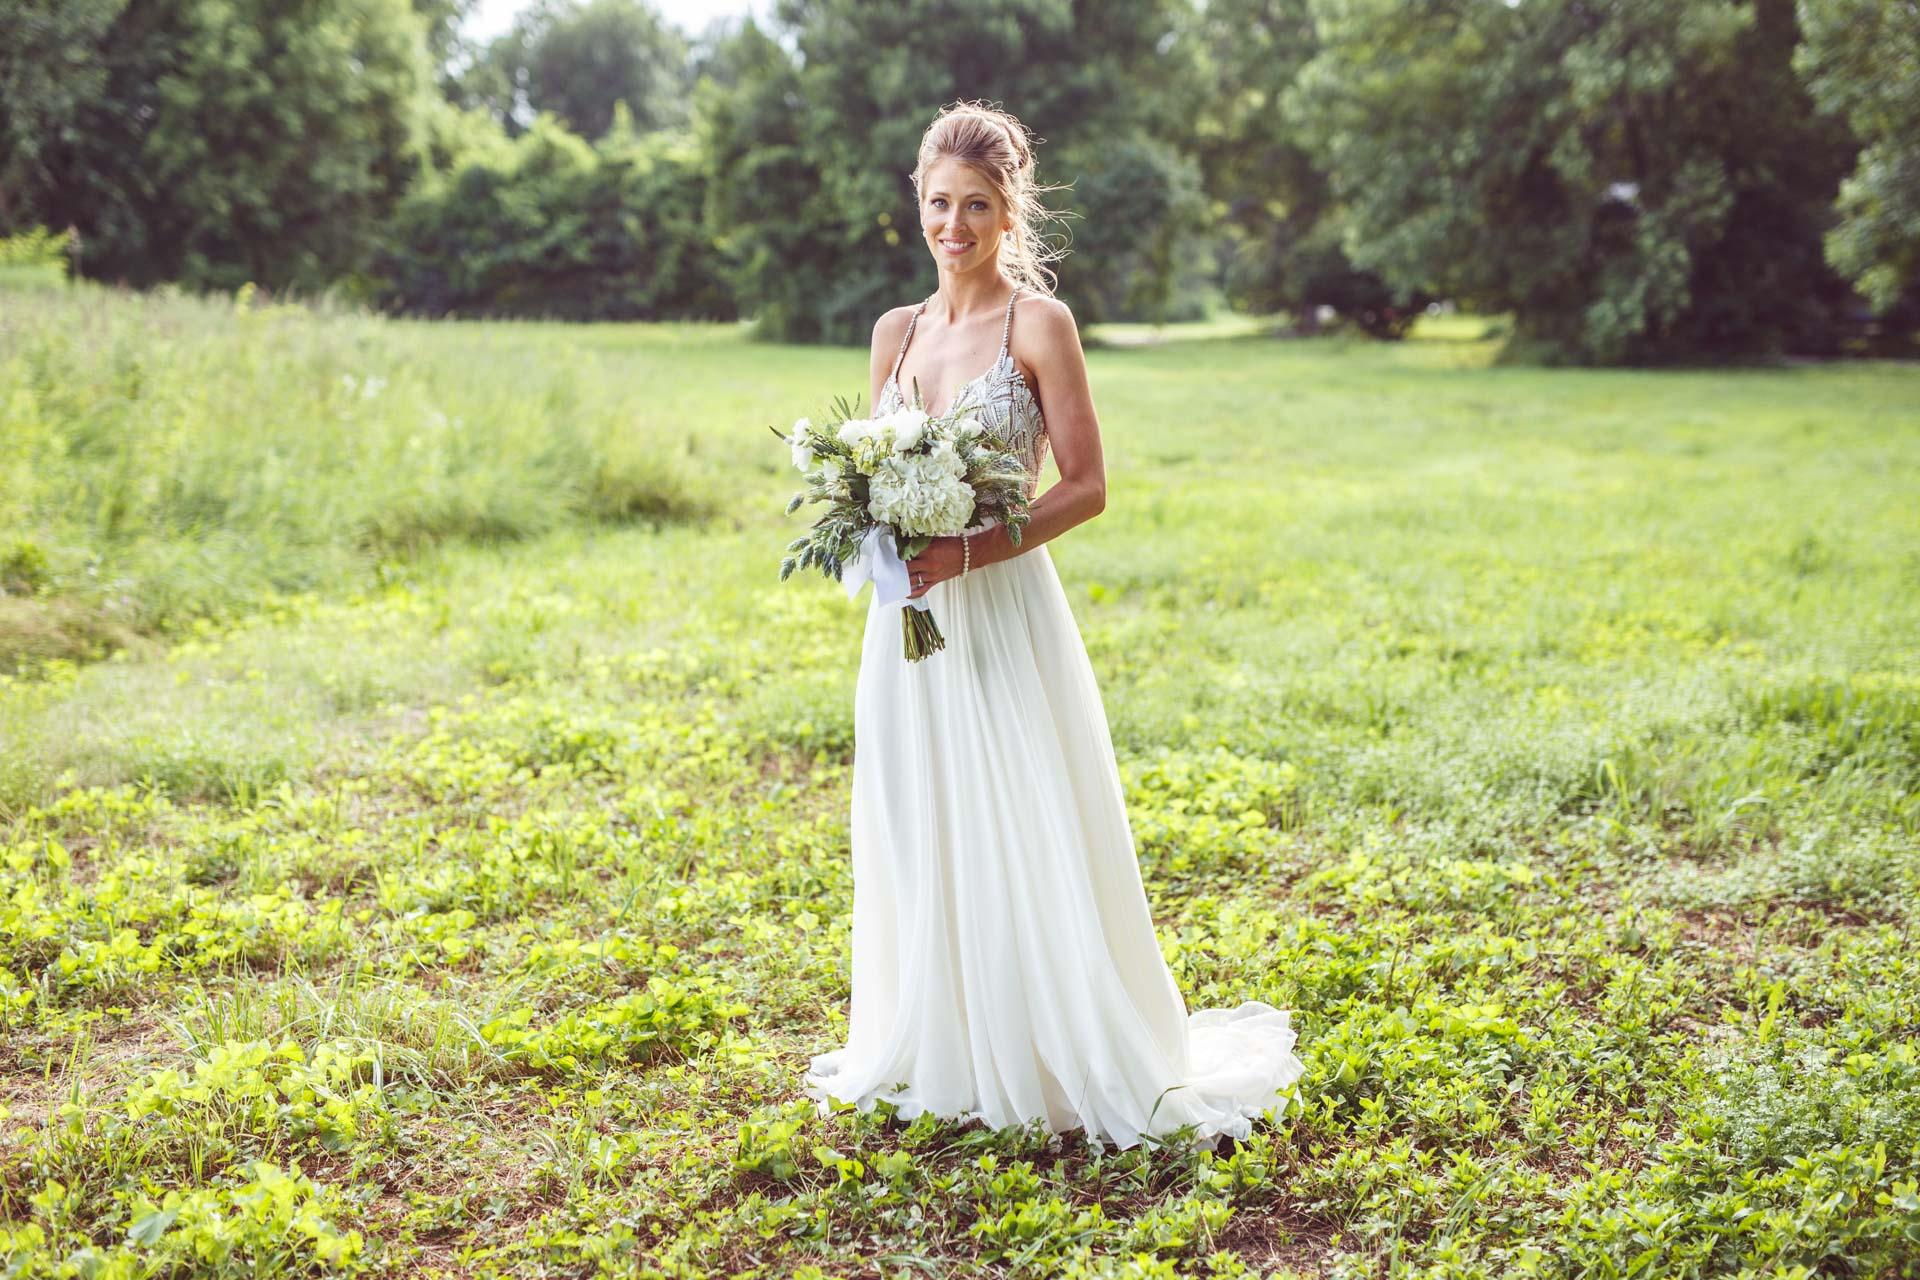 Farmington-Gardens-Wedding-Photos (47 of 66).jpg